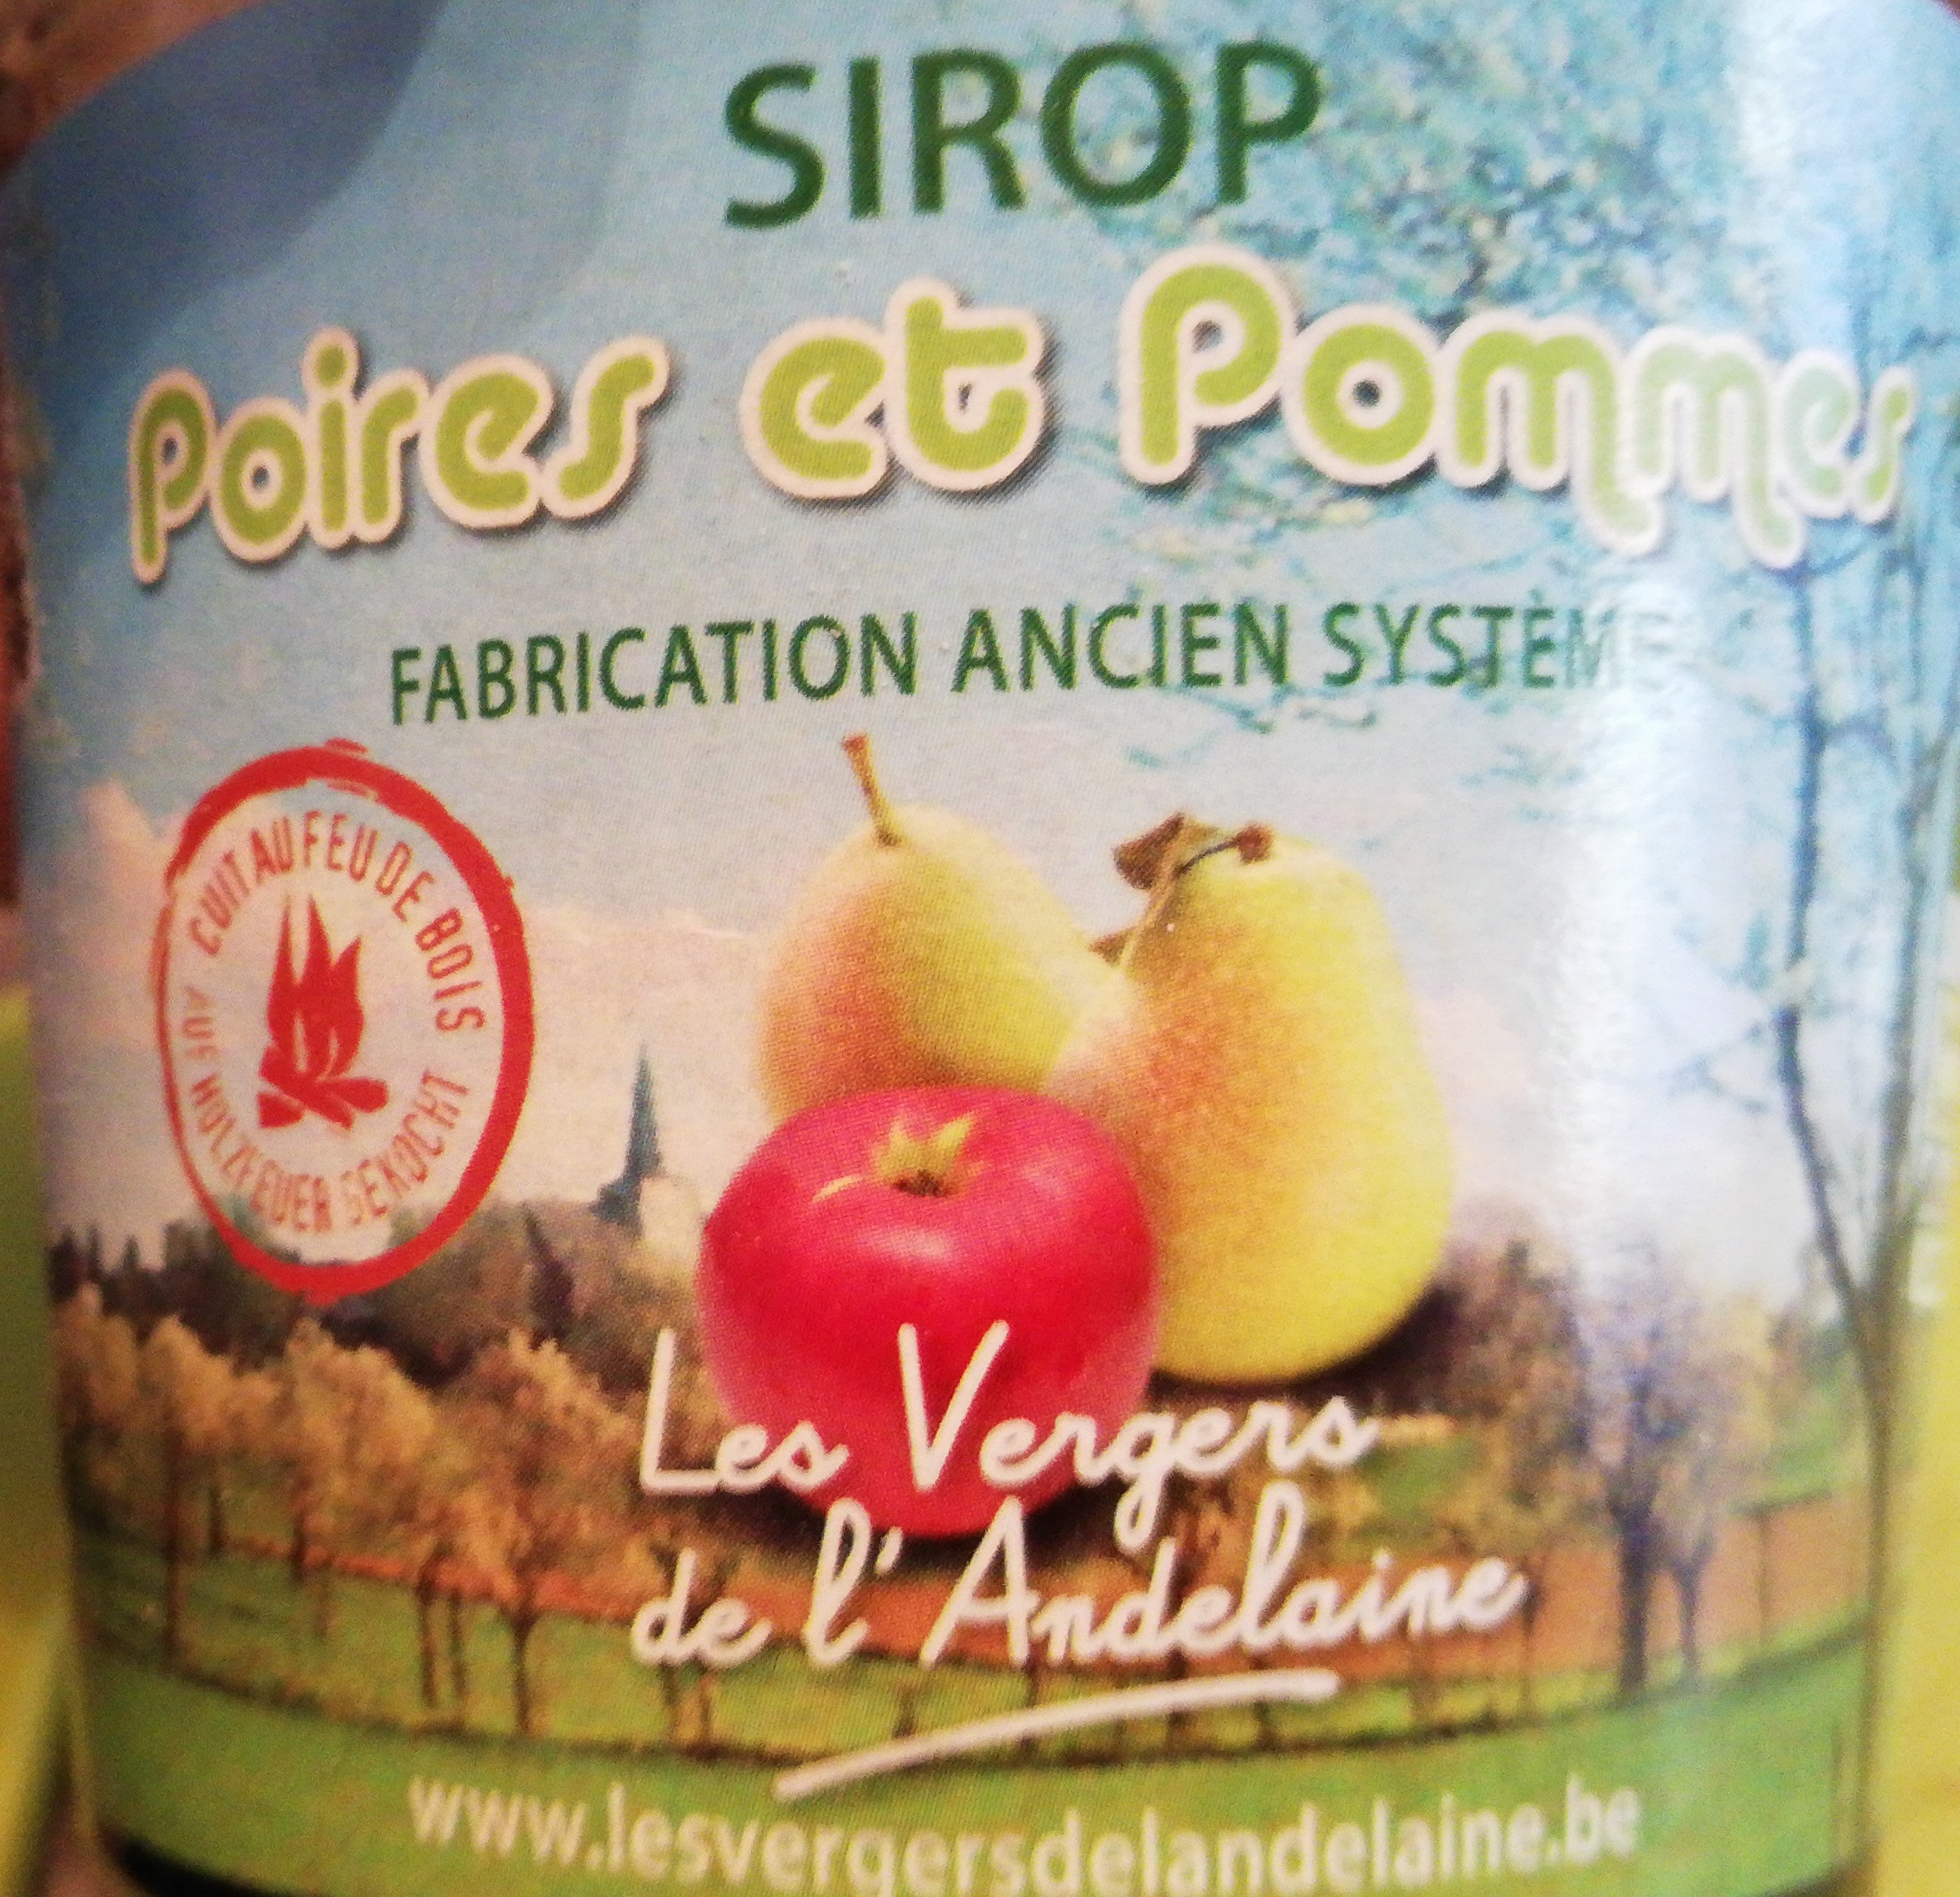 Sirop poires et pommes - Product - fr